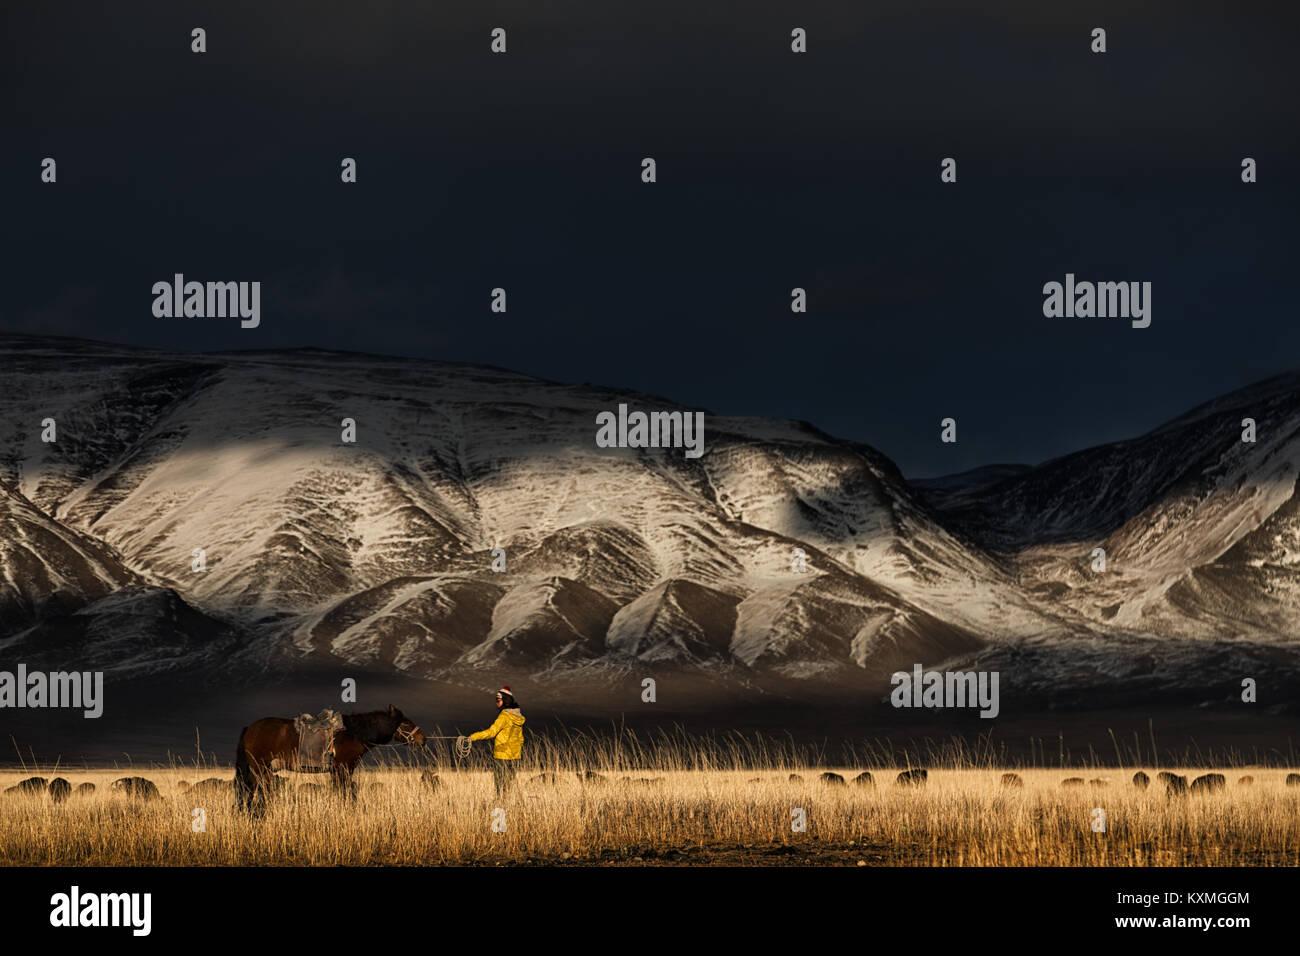 L'plantés sur les pistes des montagnes enneigées de l'hiver du troupeau de chèvres de Mongolie Photo Stock